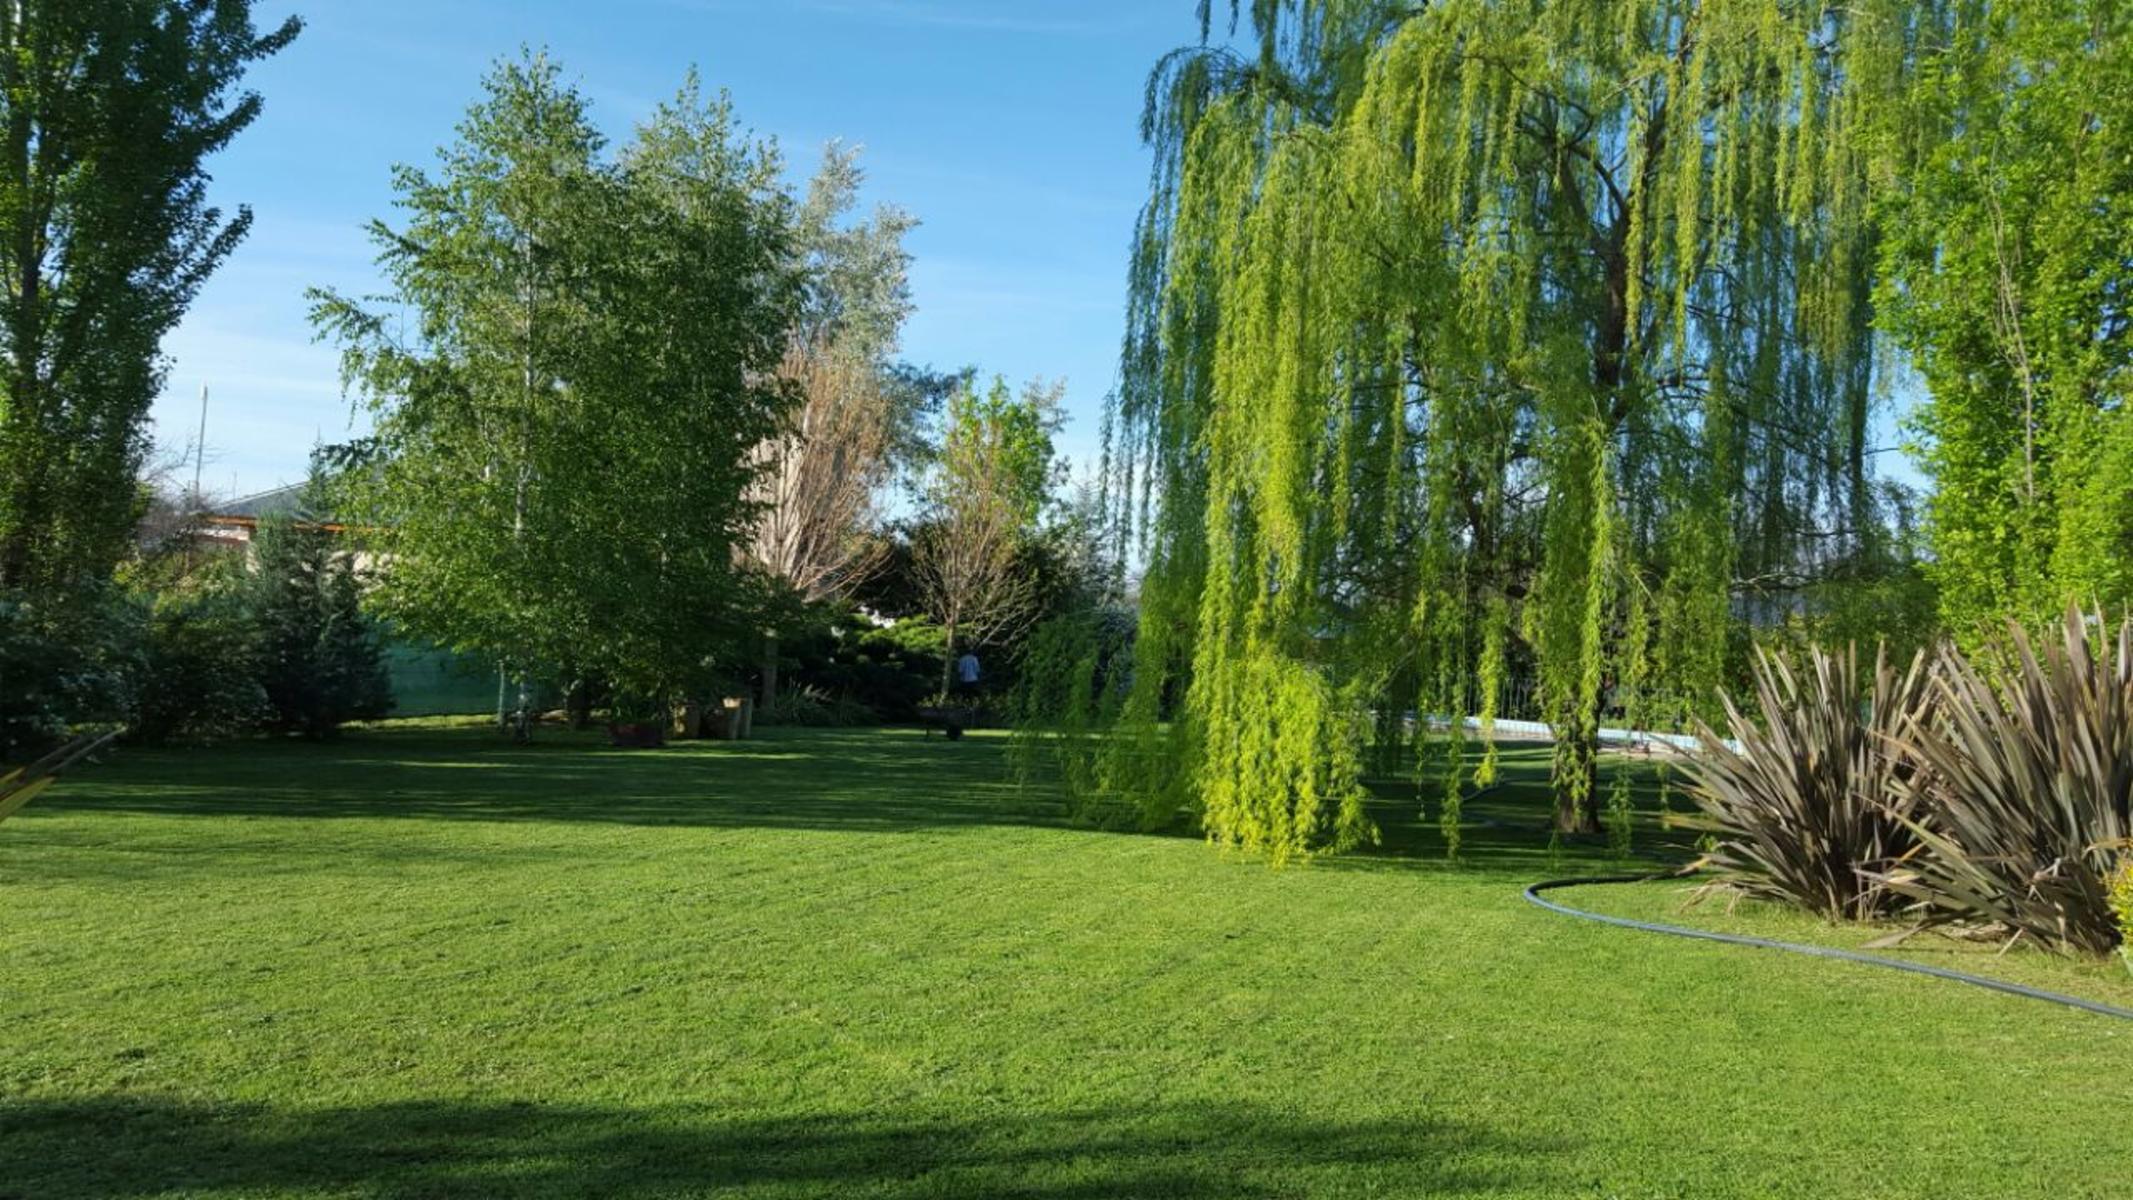 Excelente casa-quinta con piscina y gran parque Villa Angela (Toay), ADBARNI Servicios Inmobiliarios